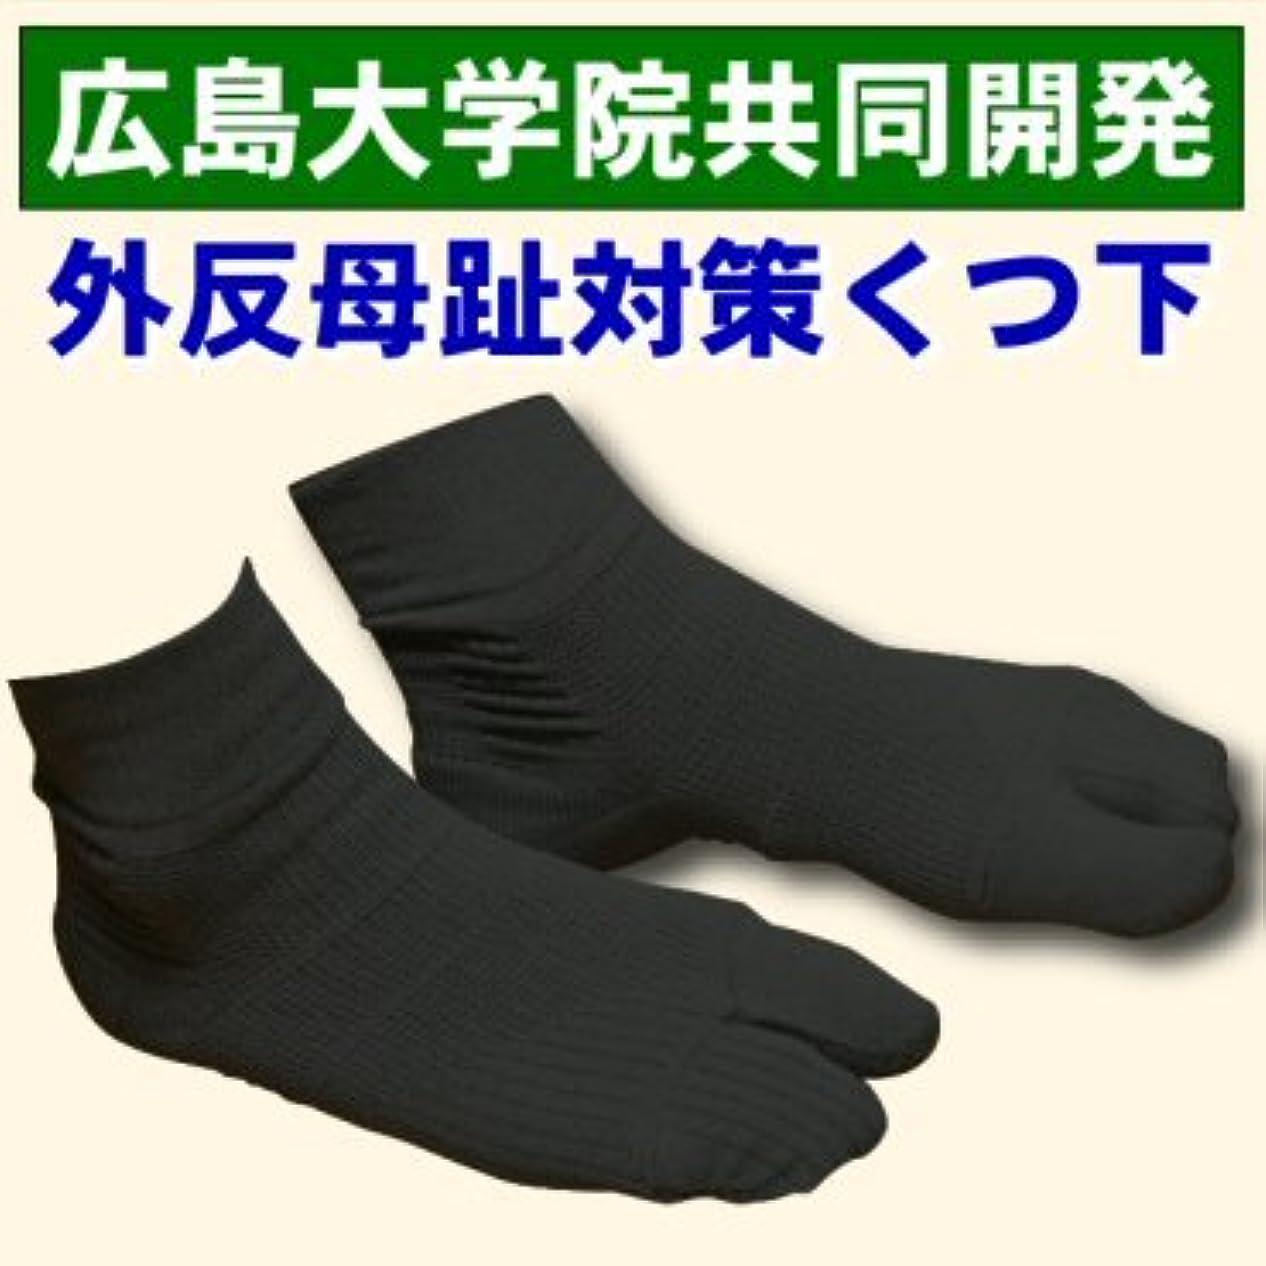 貧困偽作動する外反母趾対策靴下(24-25cm?ブラック)【日本製】